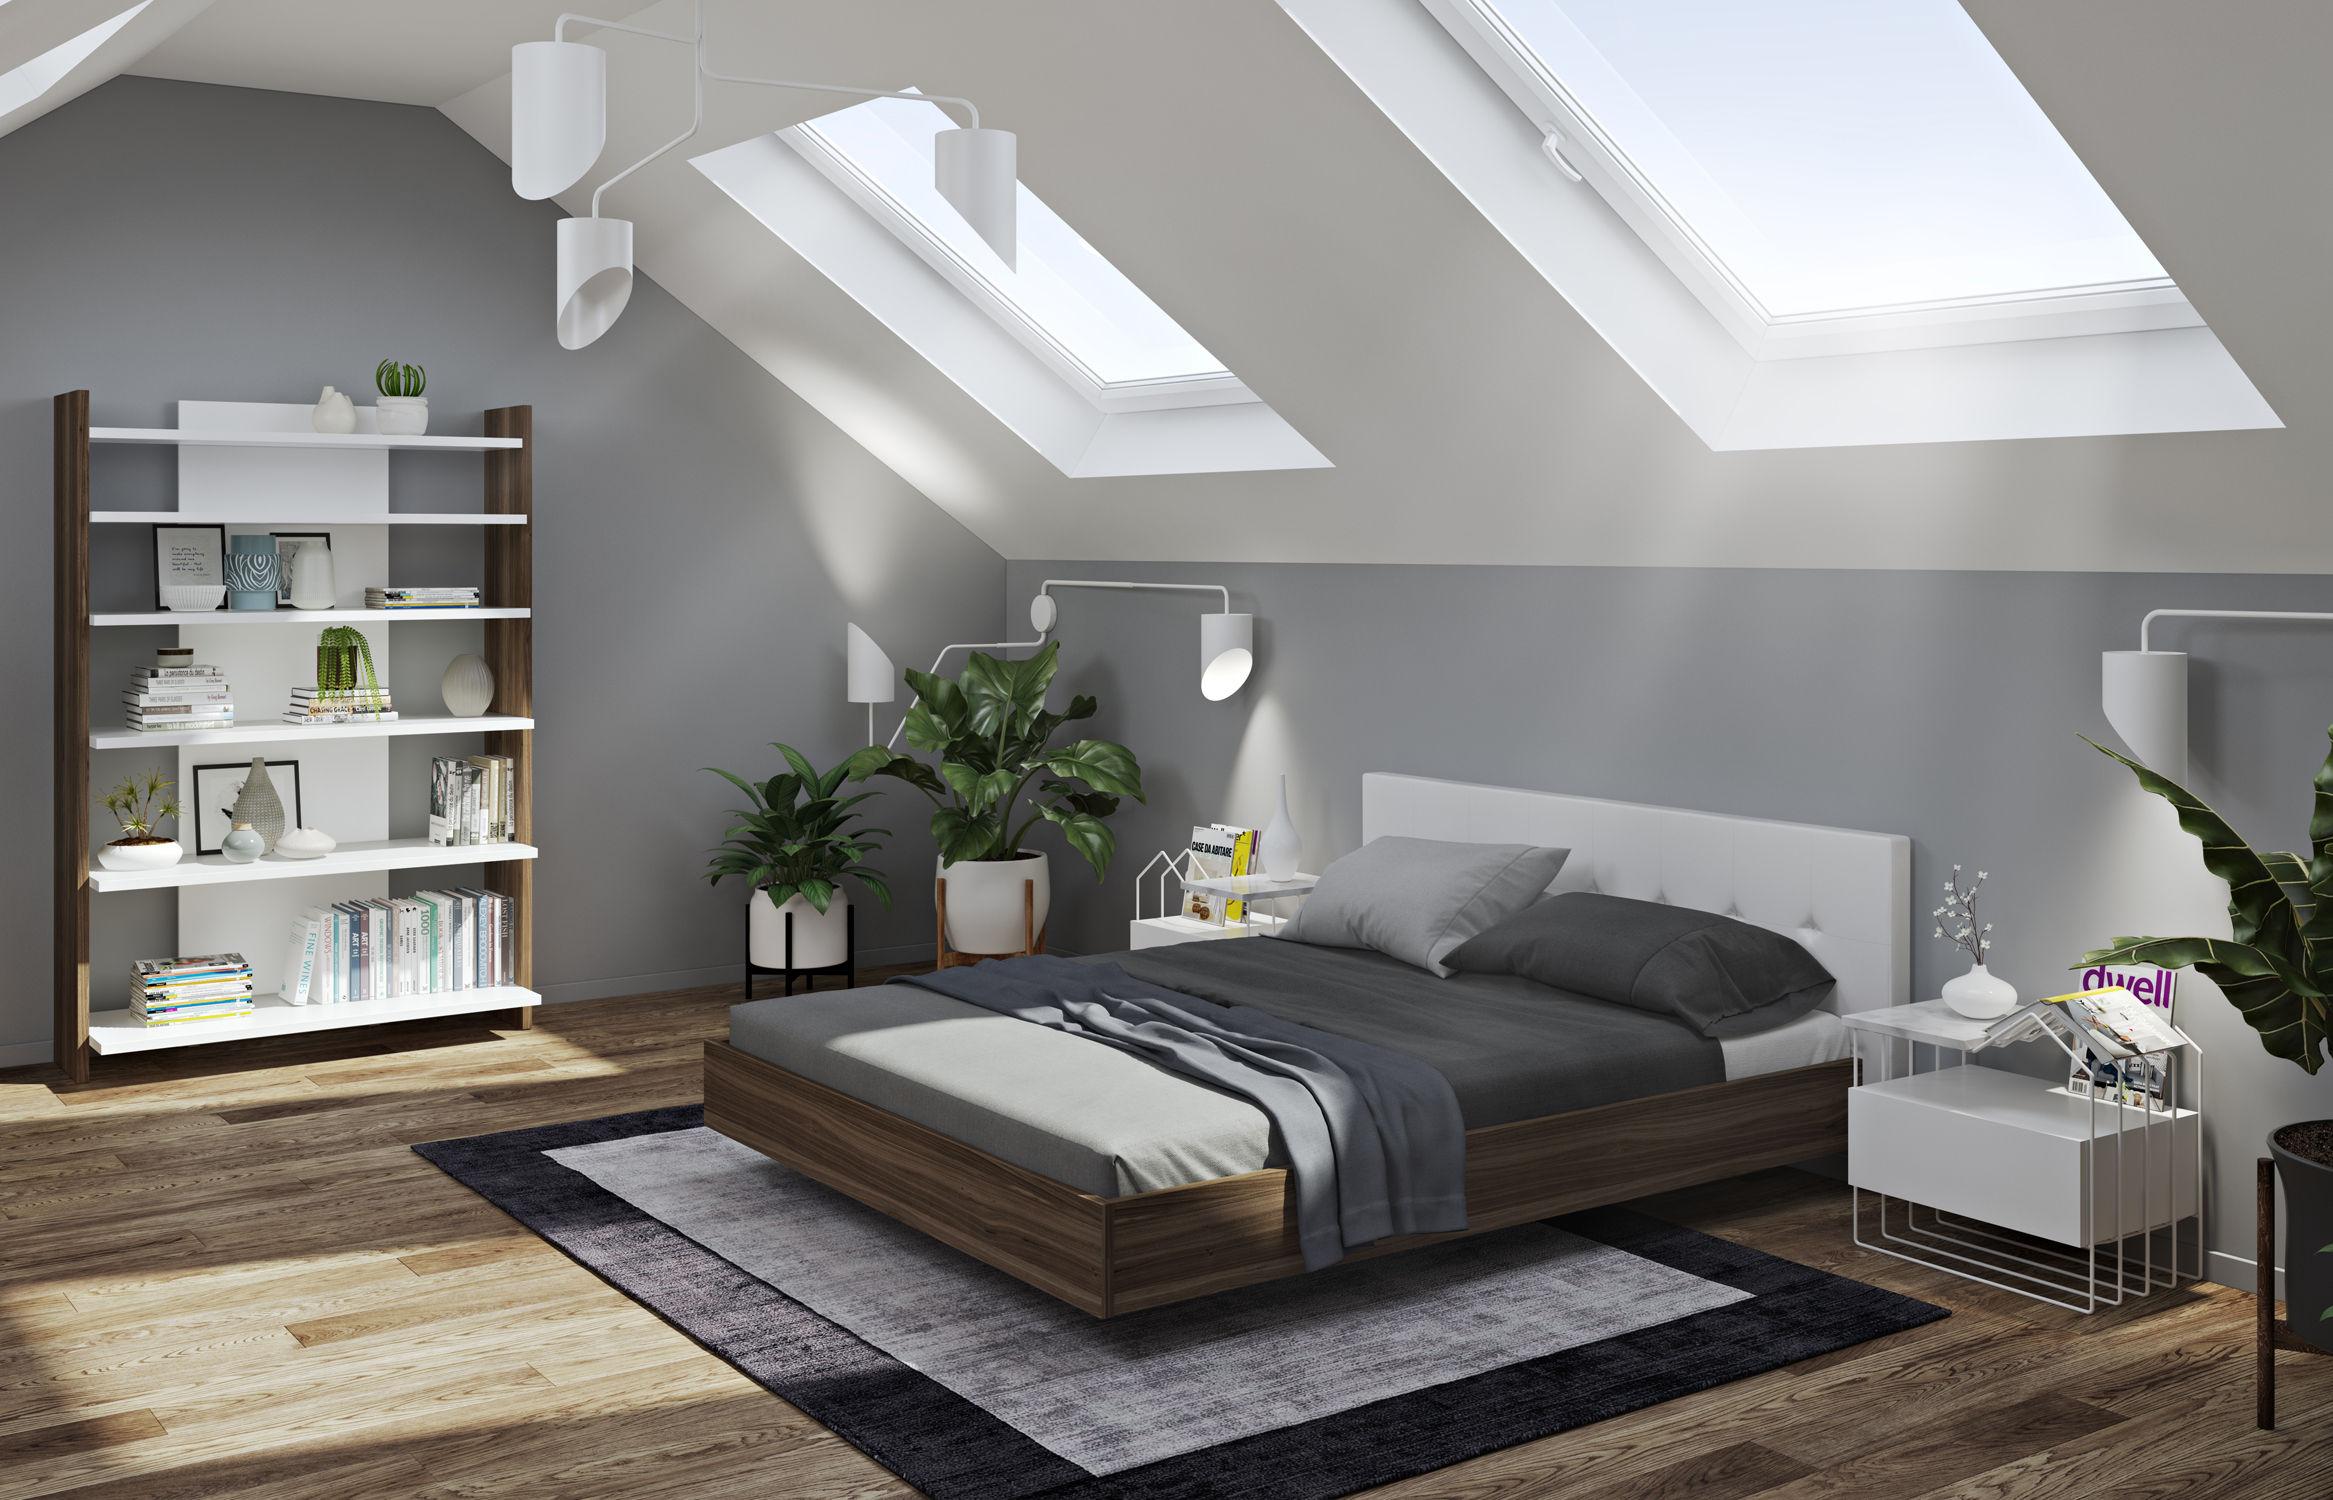 table d 39 appoint romi porte revues tiroir marbre marbre blanc blanc pop up home. Black Bedroom Furniture Sets. Home Design Ideas